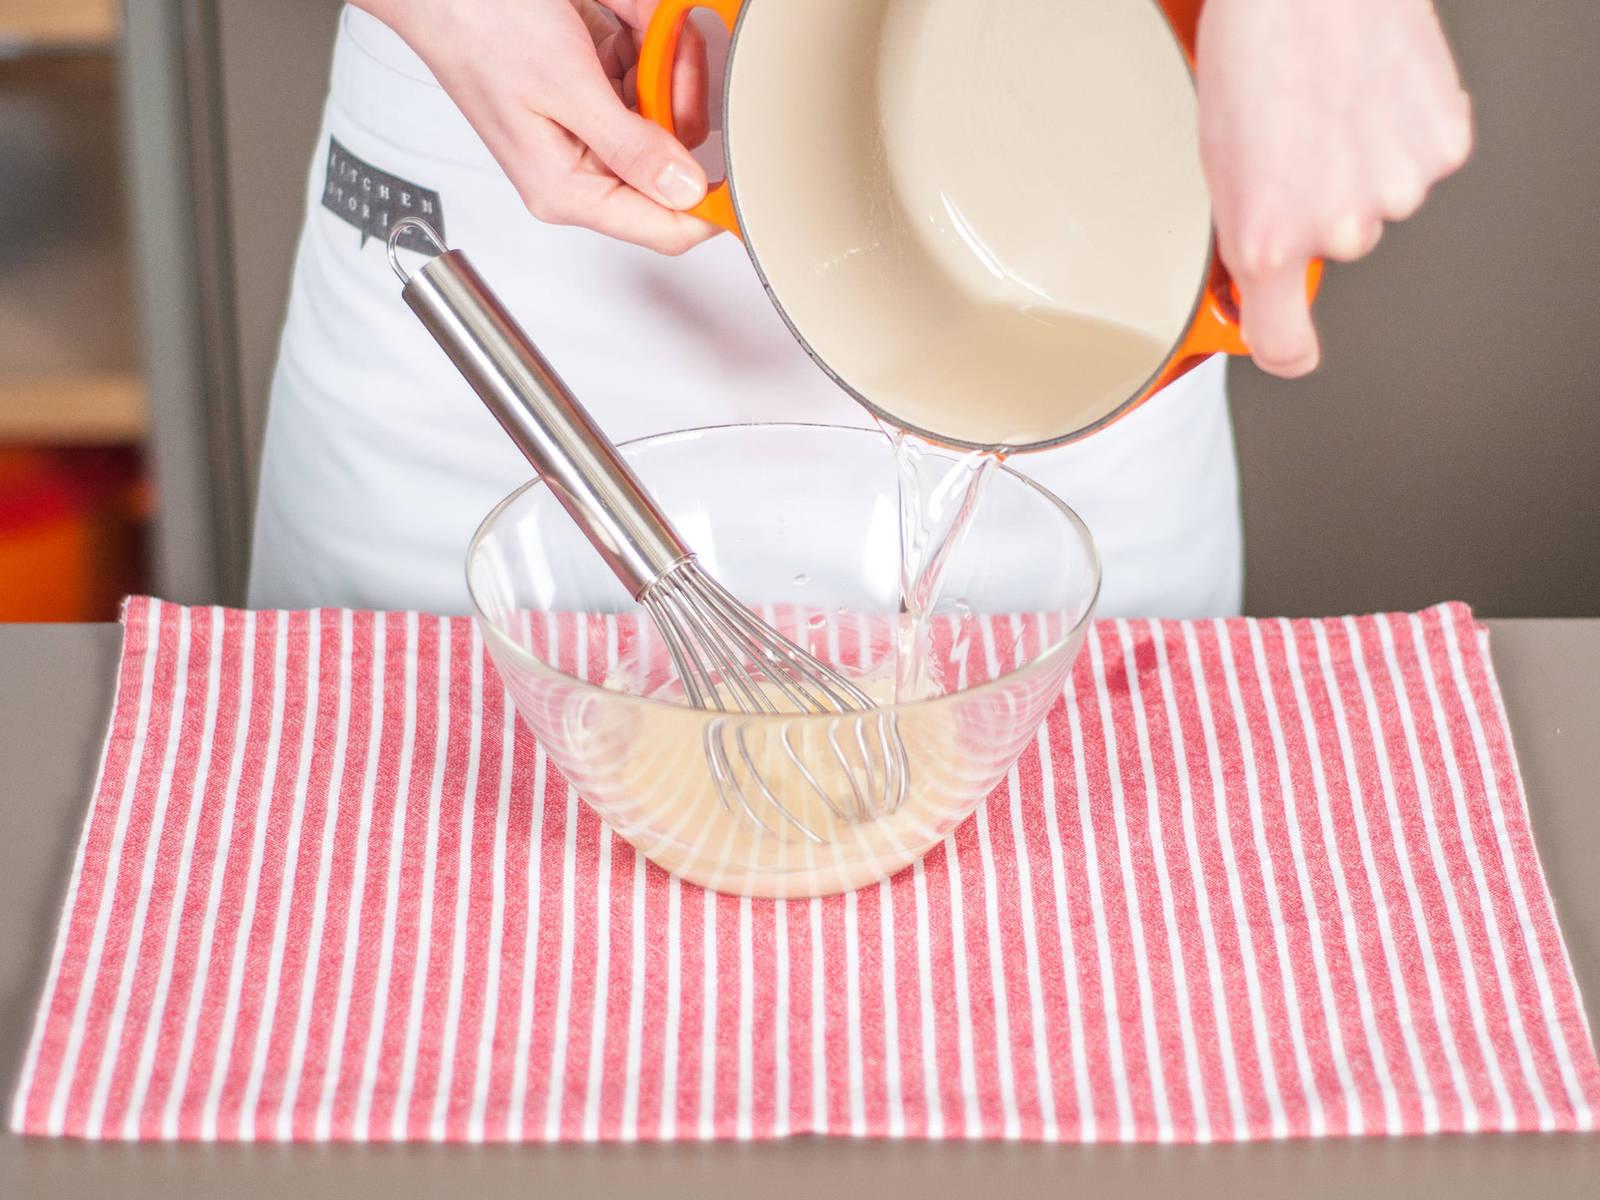 Eingeweichte Gelatine mit dem Wasser, in welcher sie sich befand und Zucker in einen kleinen Topf geben. Langsam bei mittlerer bis niedriger Hitze erwärmen, konstant umrühren bis sich die Gelatine komplett aufgelöst hat. Vorsicht, nicht überhitzen! Gelatine schnell zur weißen Schokolade geben. Gut umrühren um alles zu verbinden.